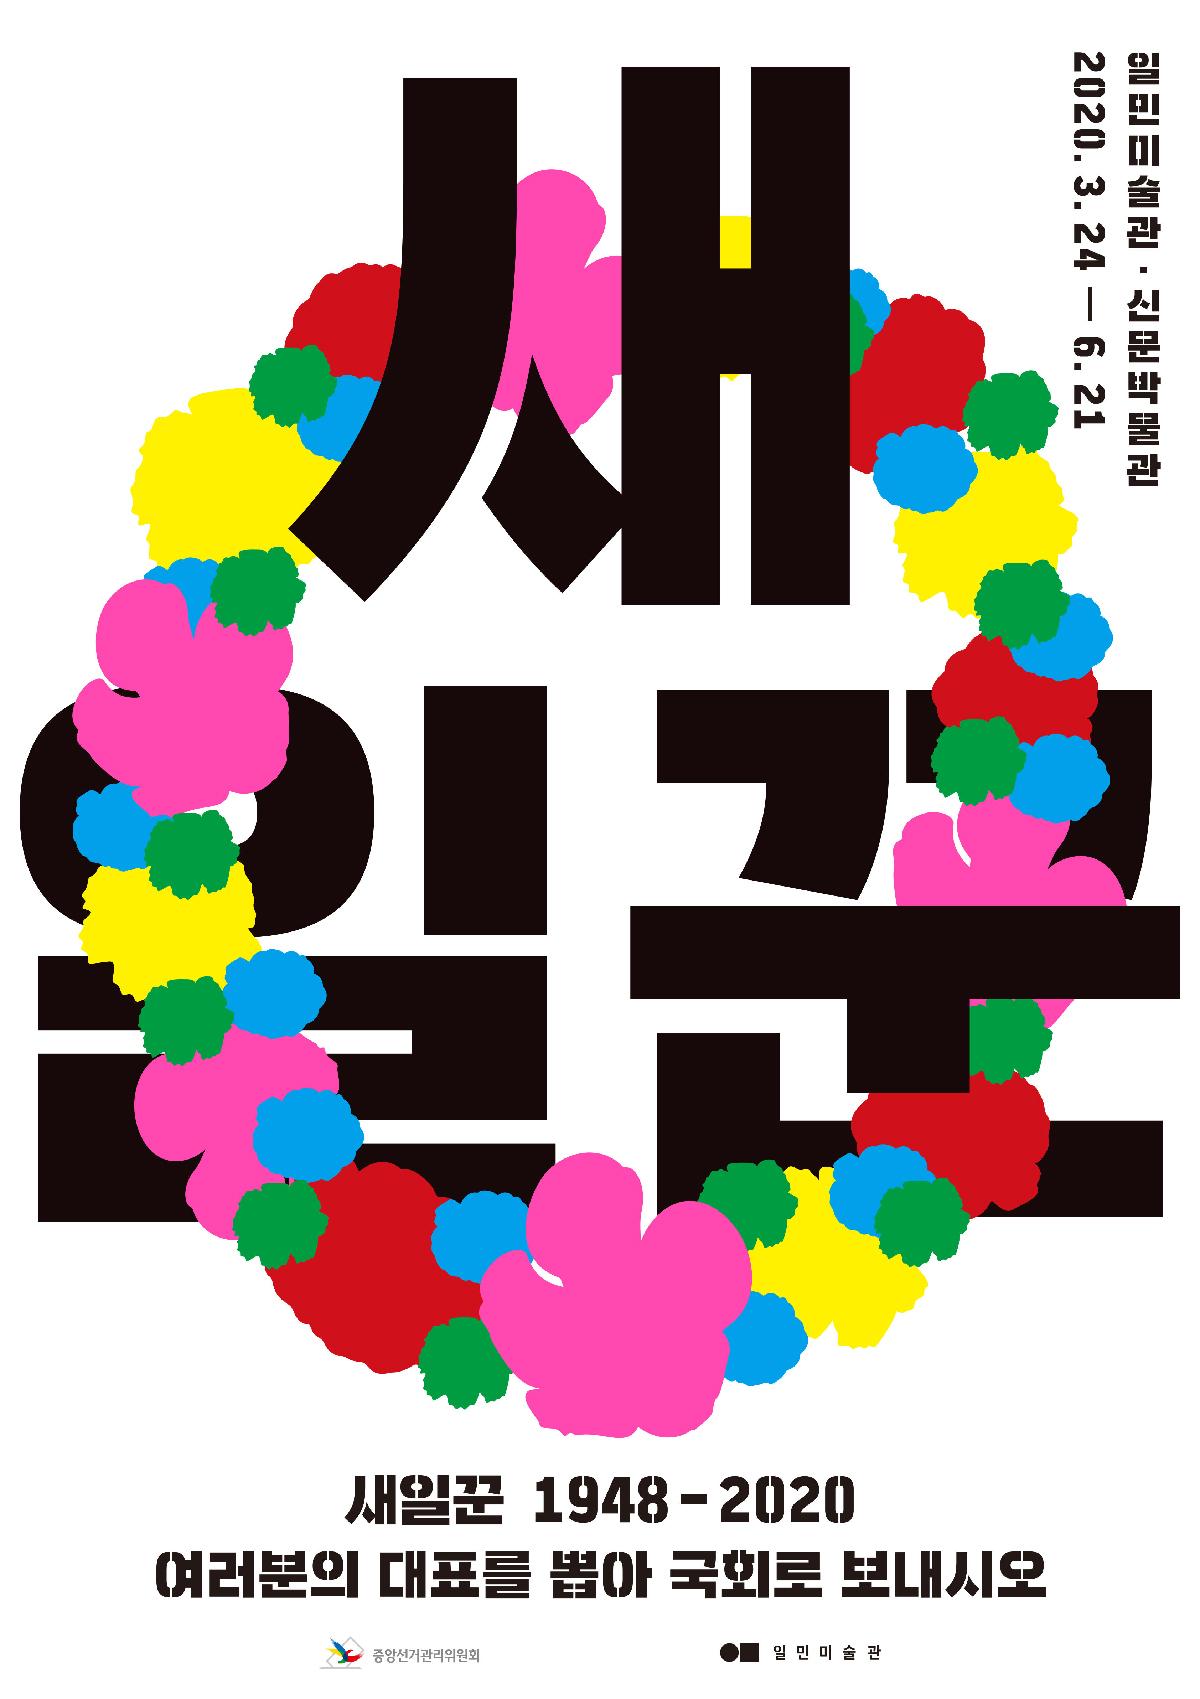 새일꾼 1948-2020 포스터-low.jpg